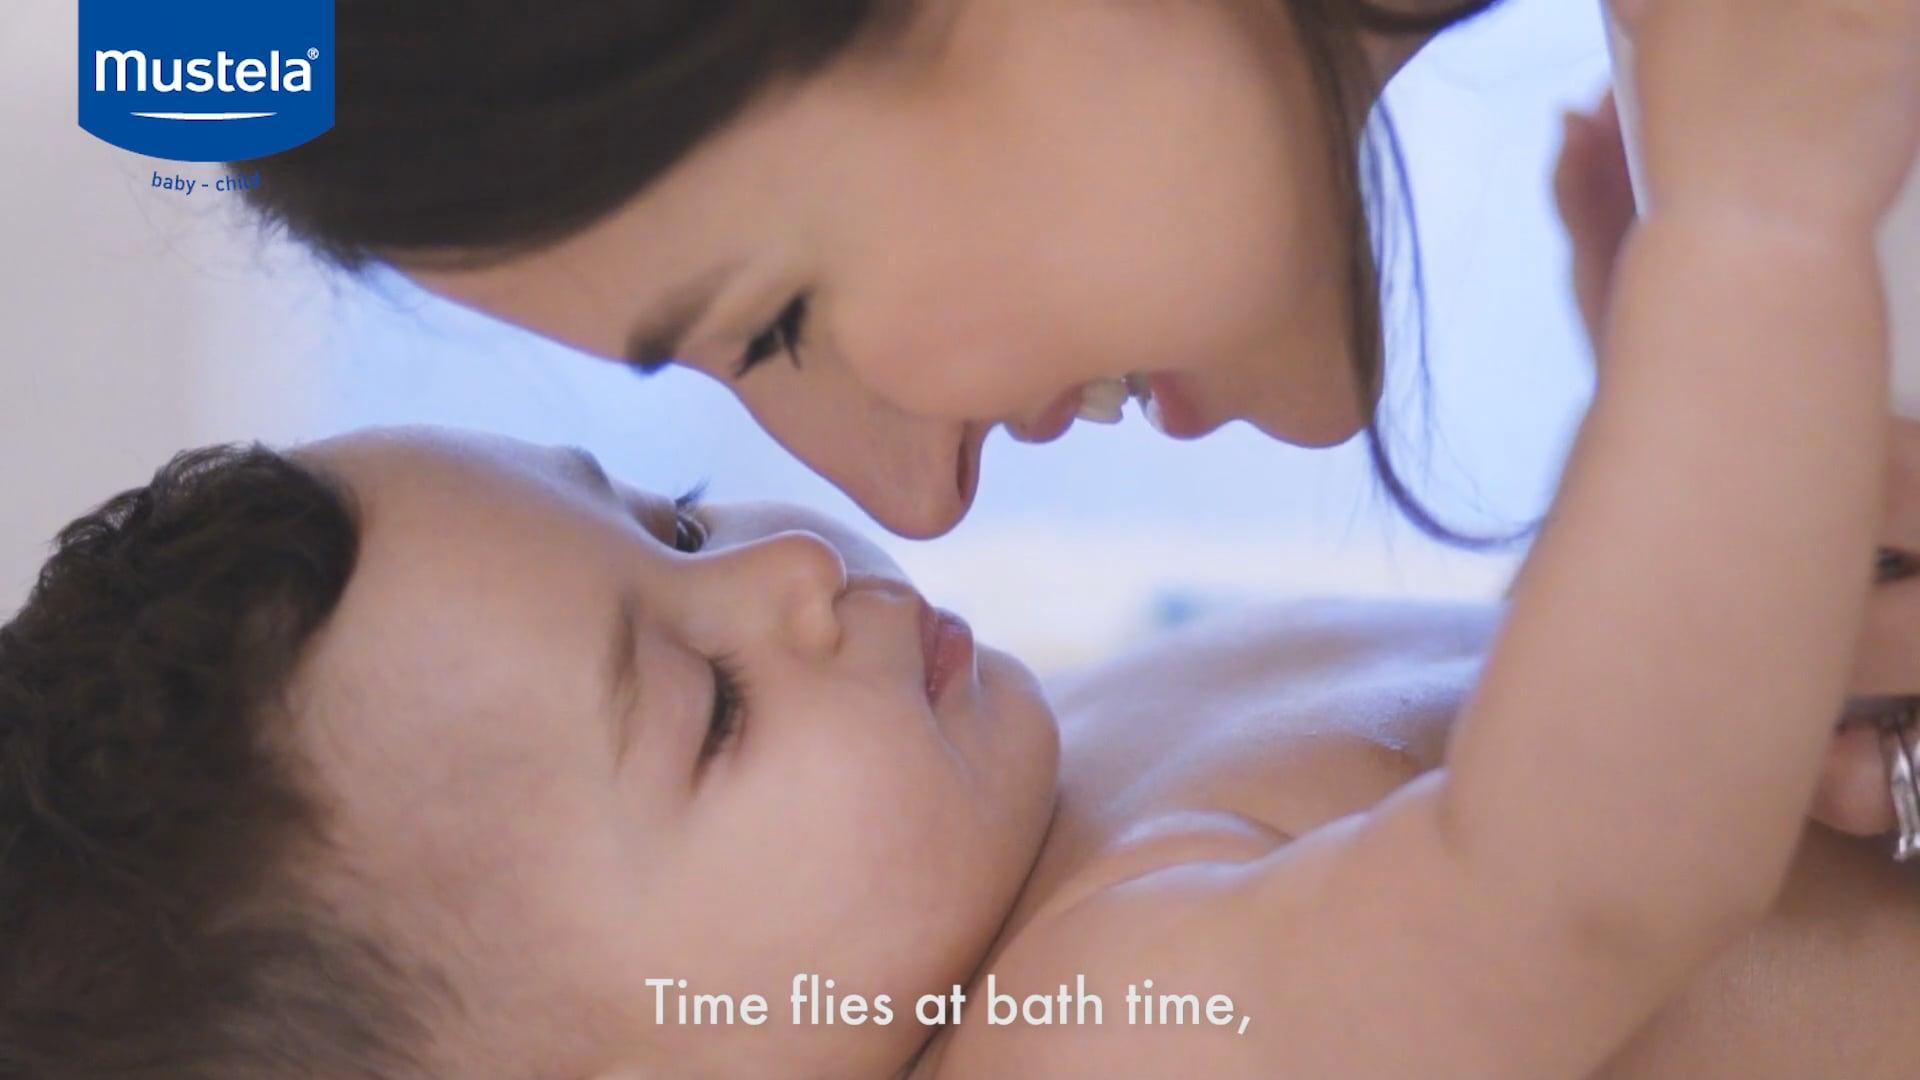 Mustela (MENA) Baby Cream Commercial